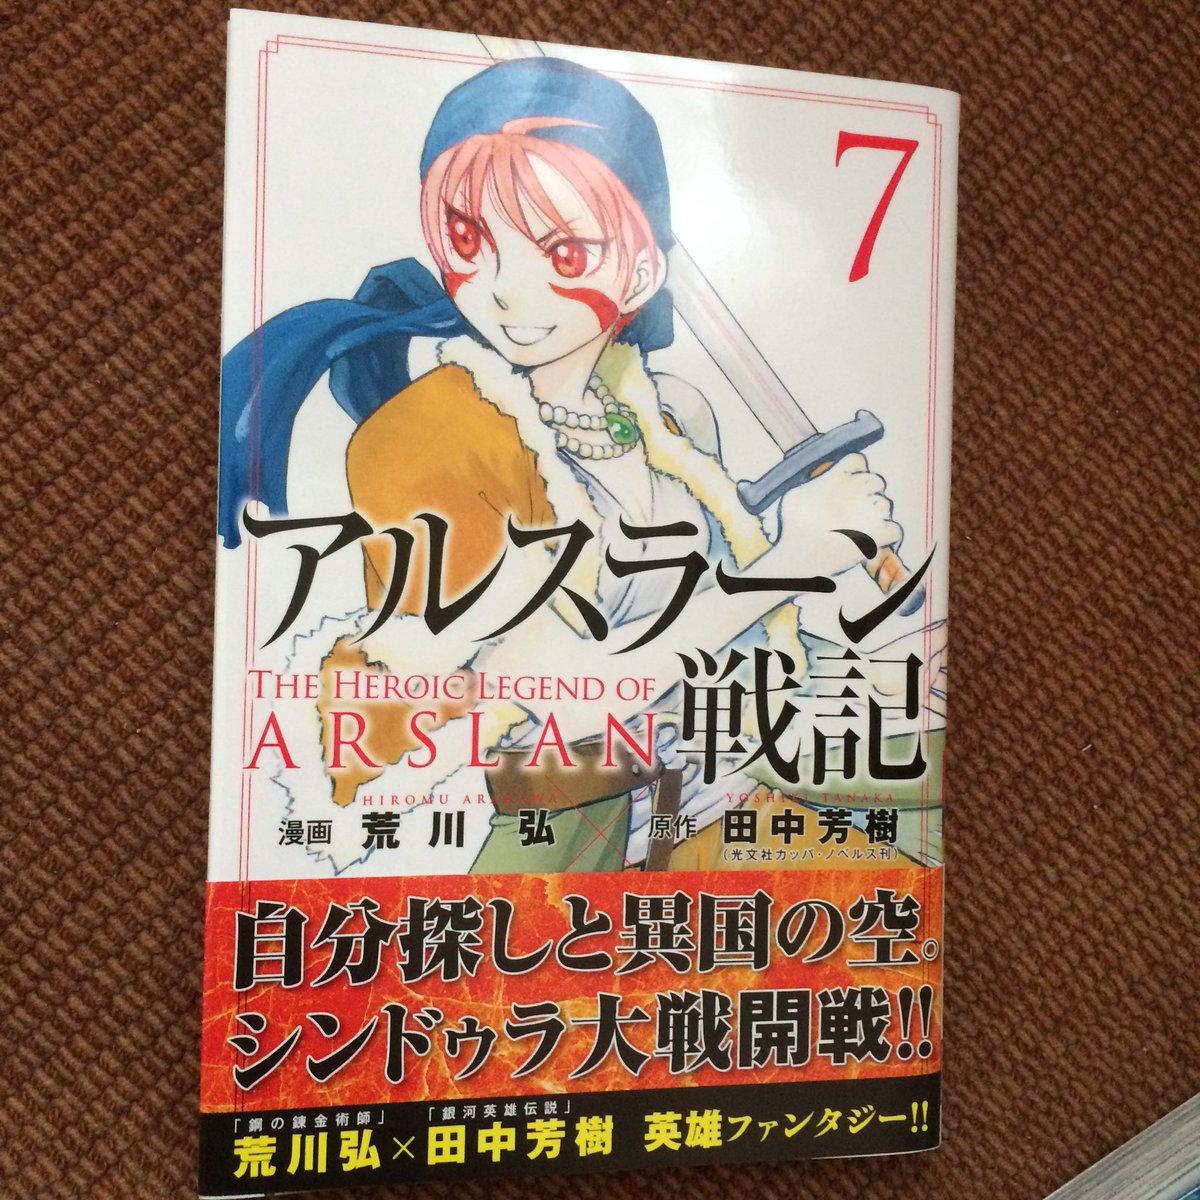 43.アルスラーン戦記別冊少年マガジン 既刊7巻帯にも書いてあるけどこれは英雄ファンタジーだそうな。荒川先生の戦闘シーン